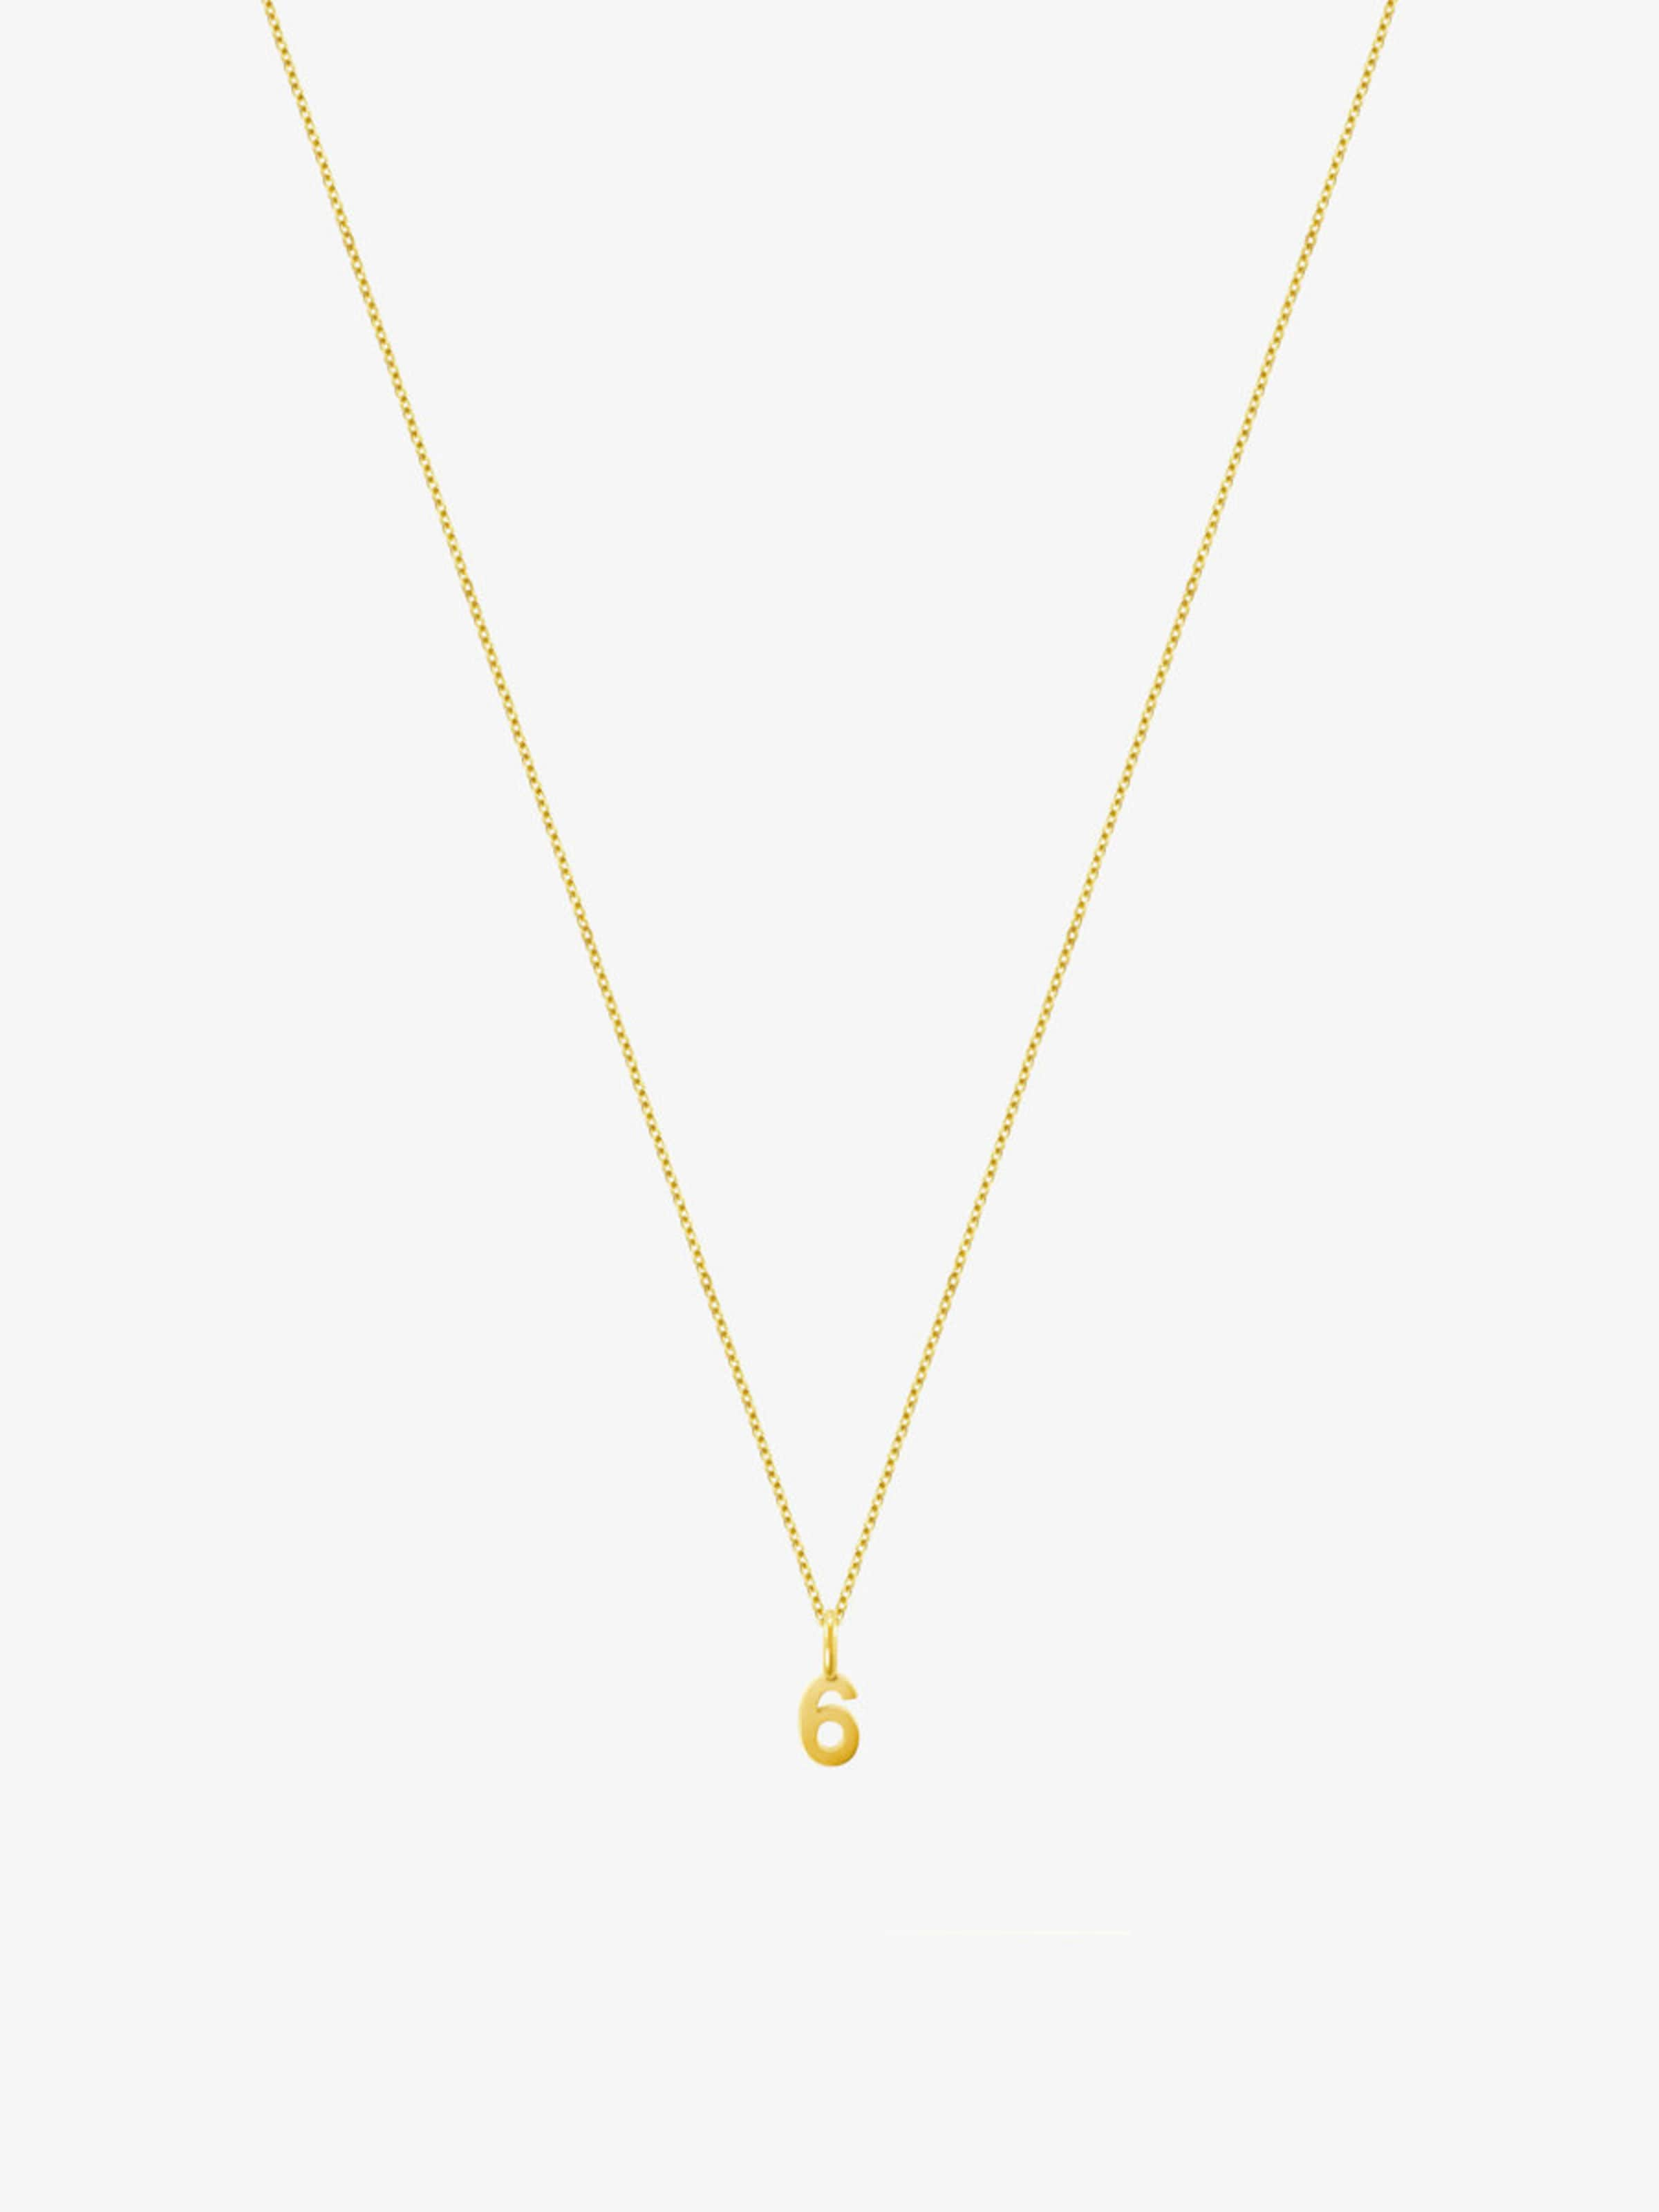 '6' In Fine Gold Id Halskette 8OnP0wkX